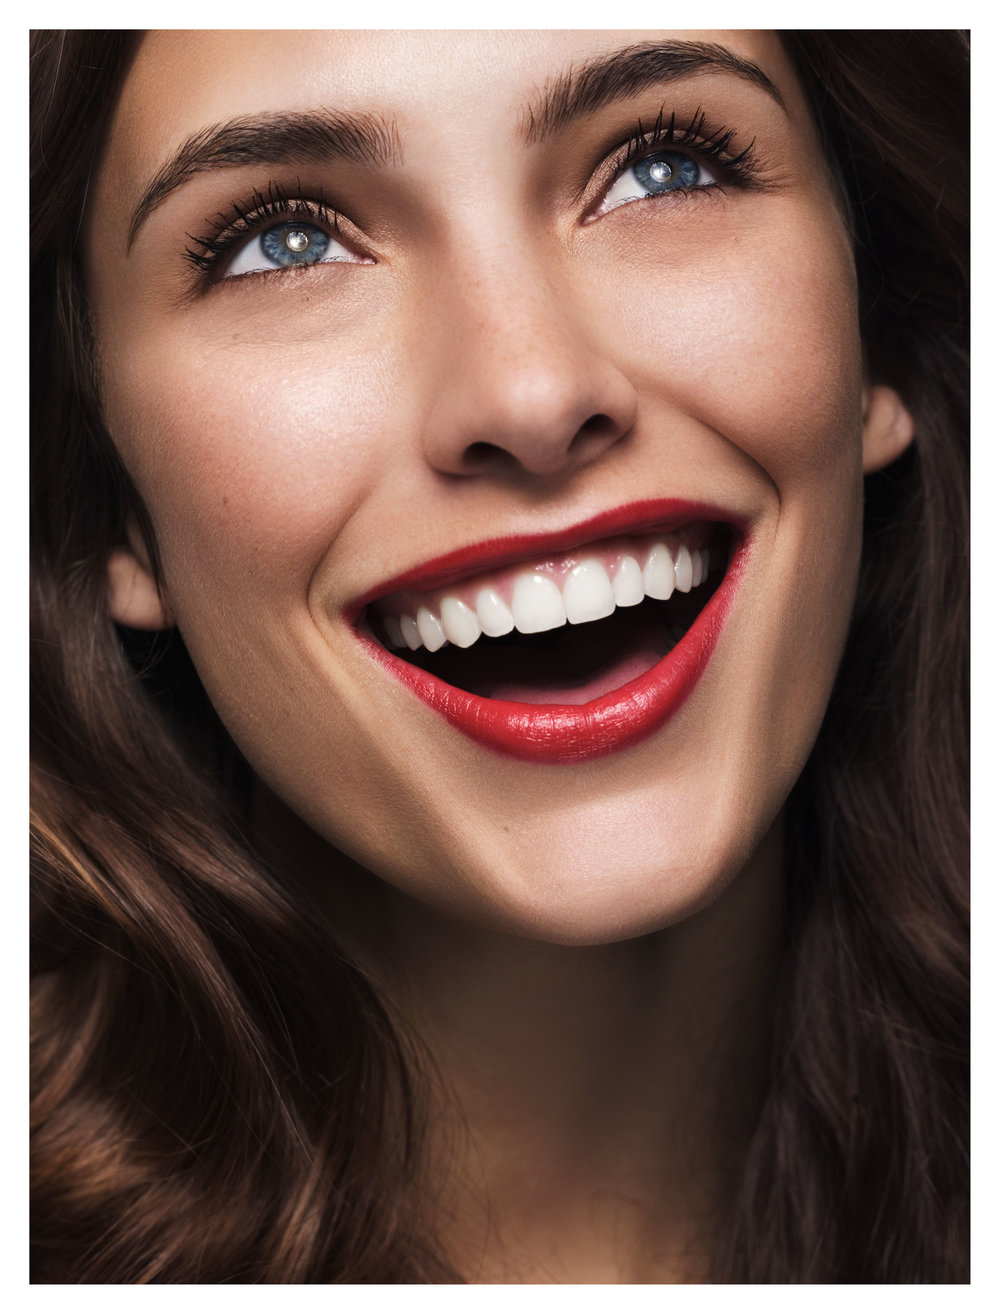 Smile1.jpg